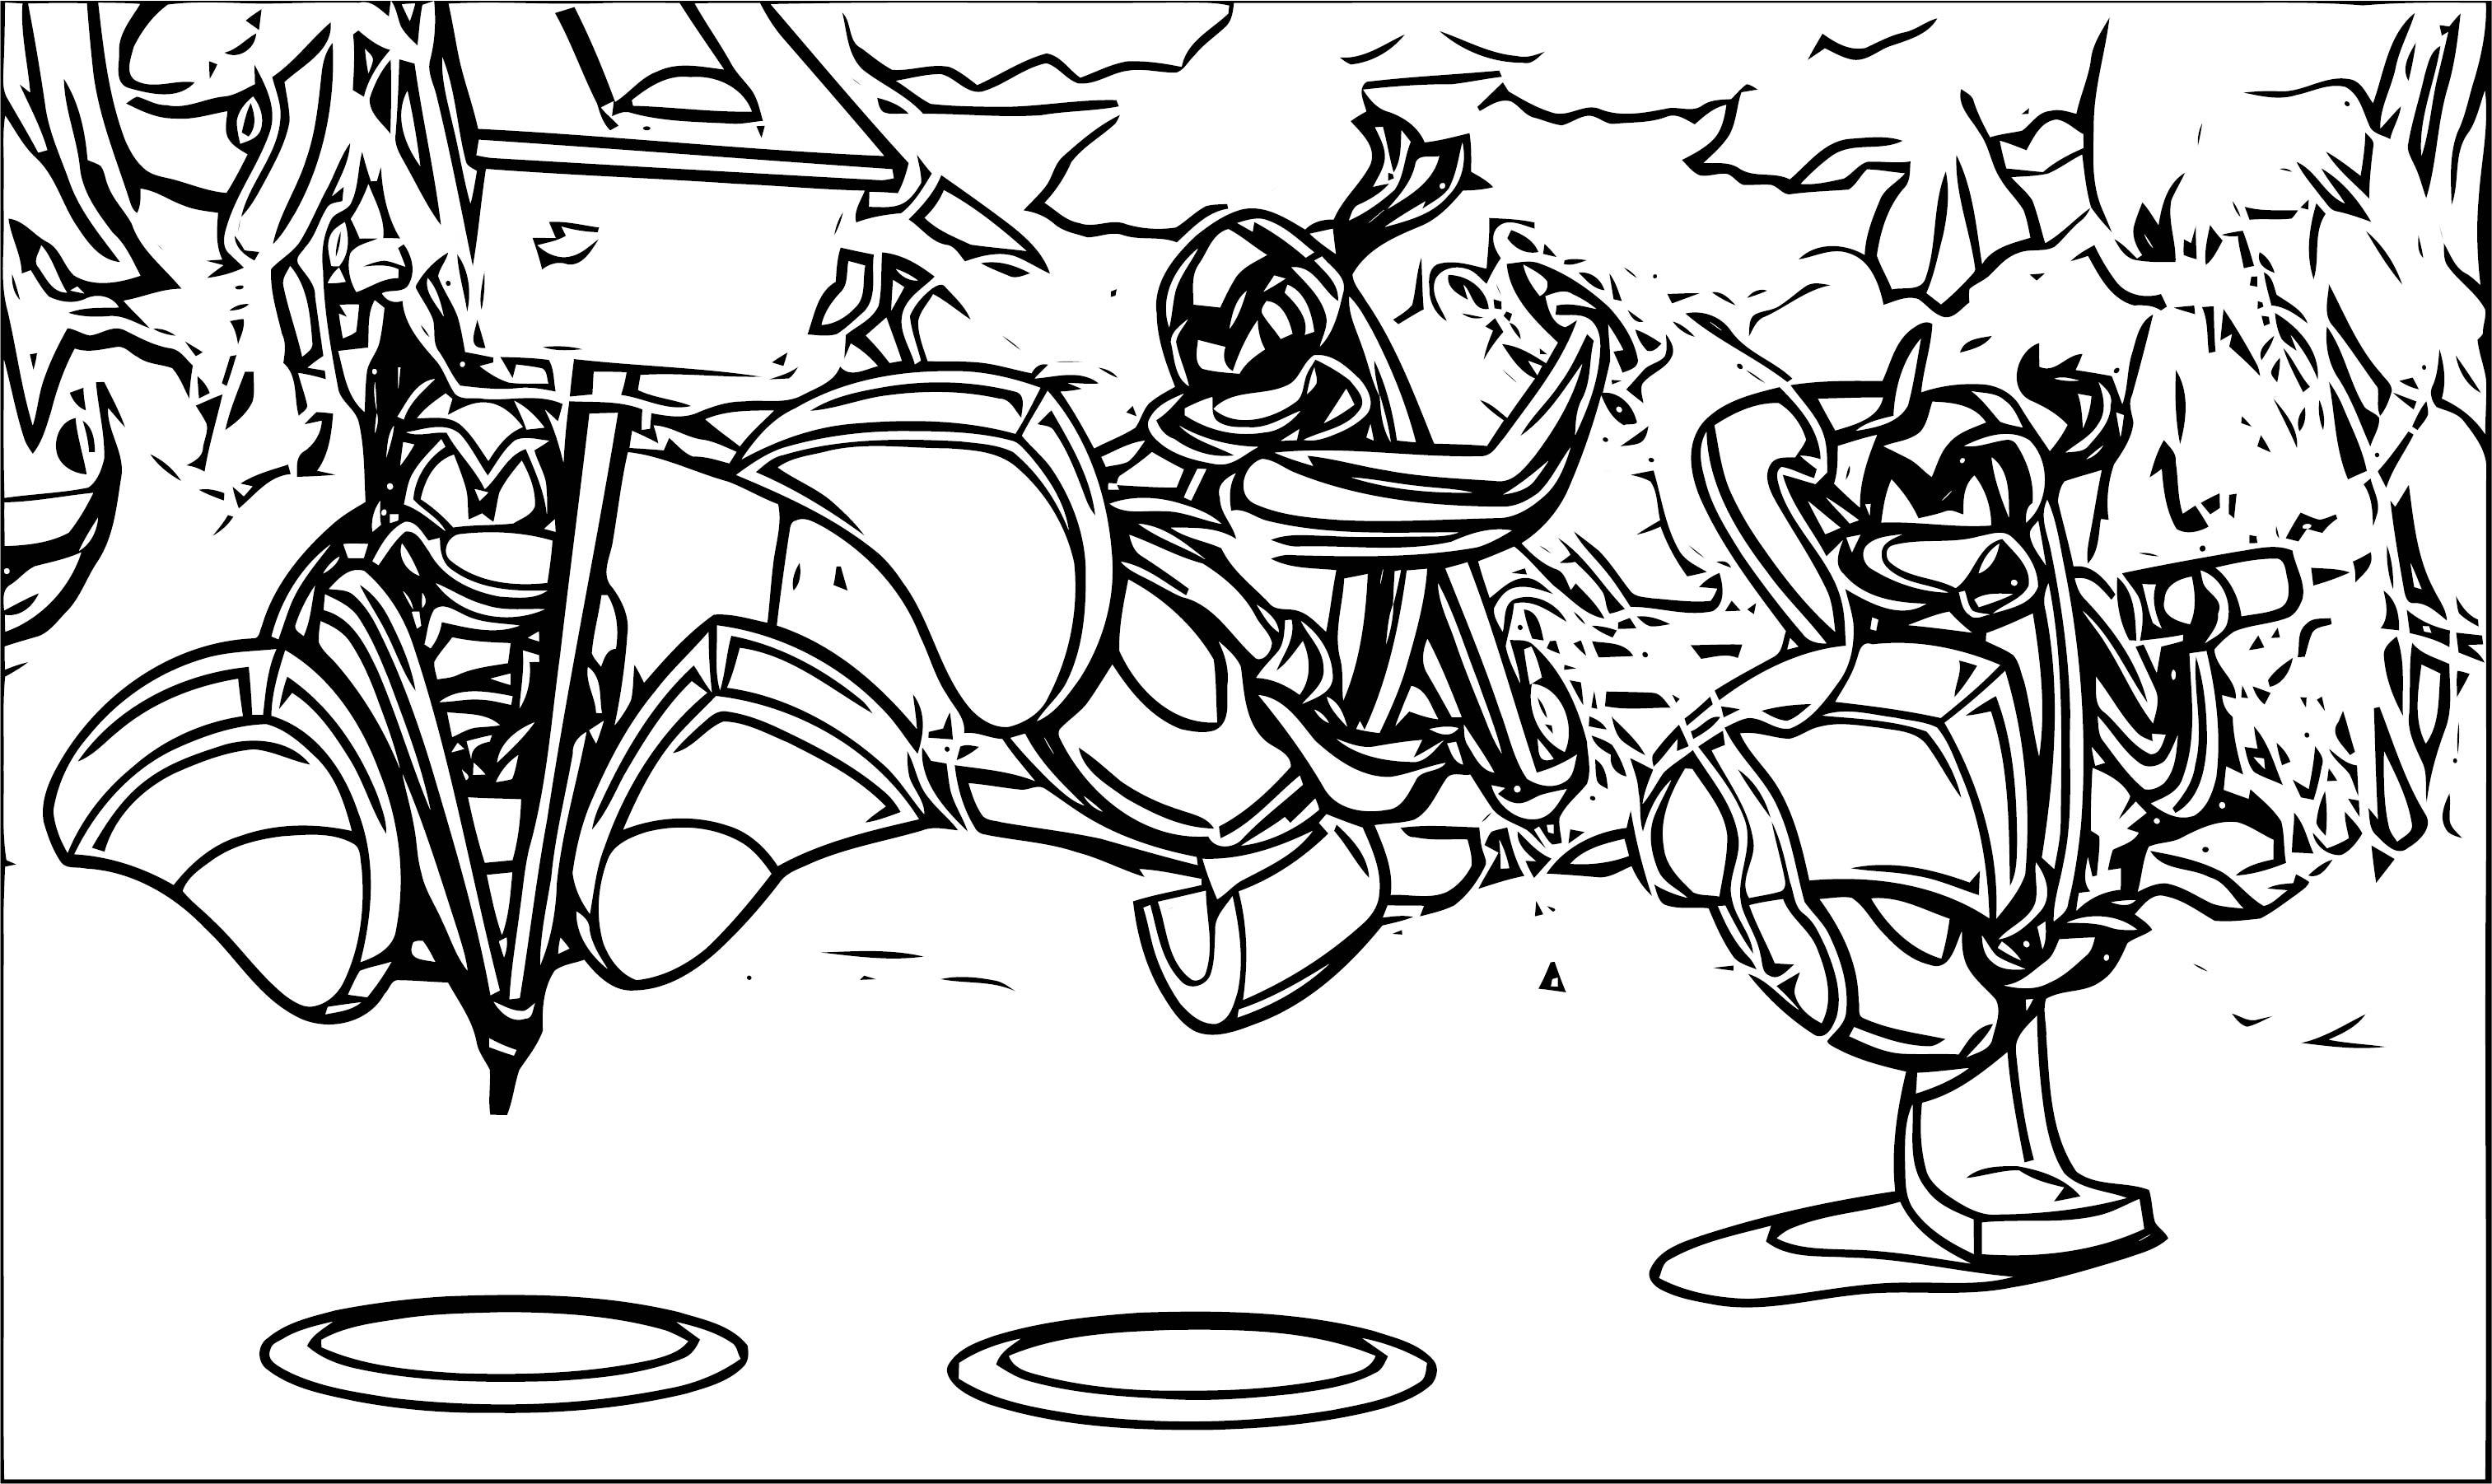 Ninjas Unite Coloring Page